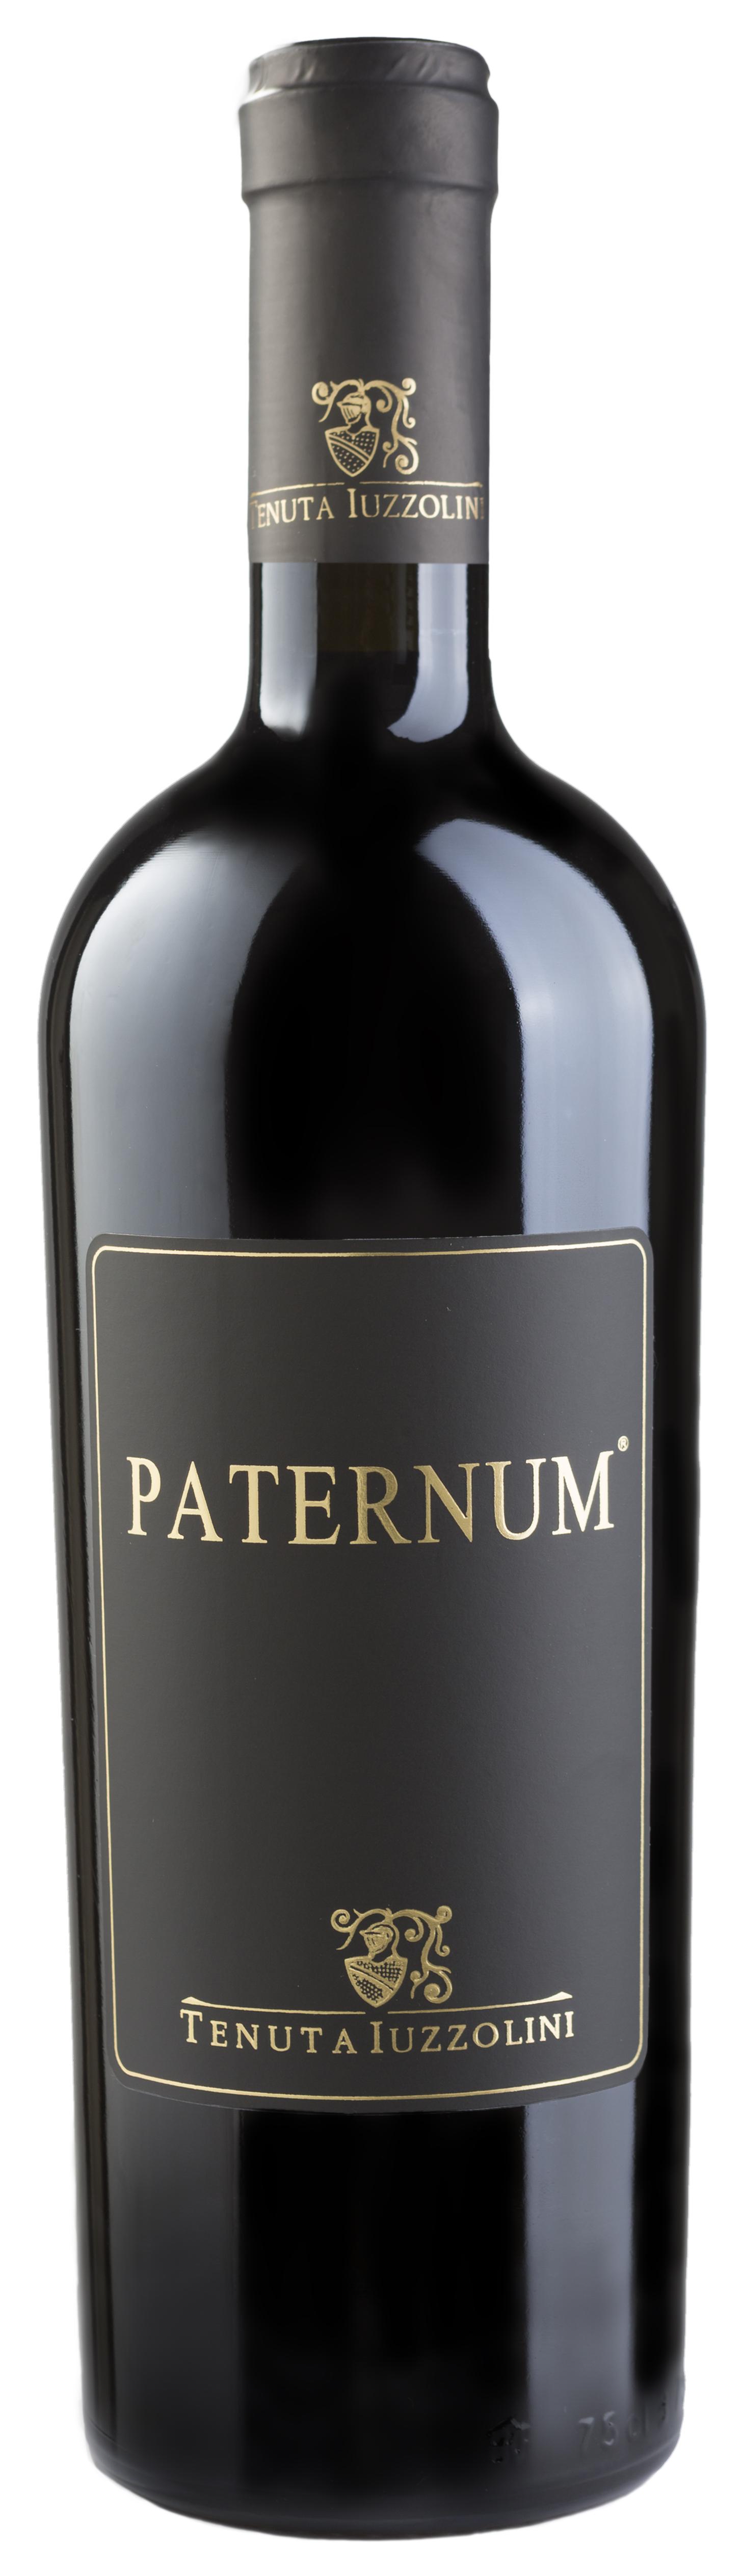 Paternum